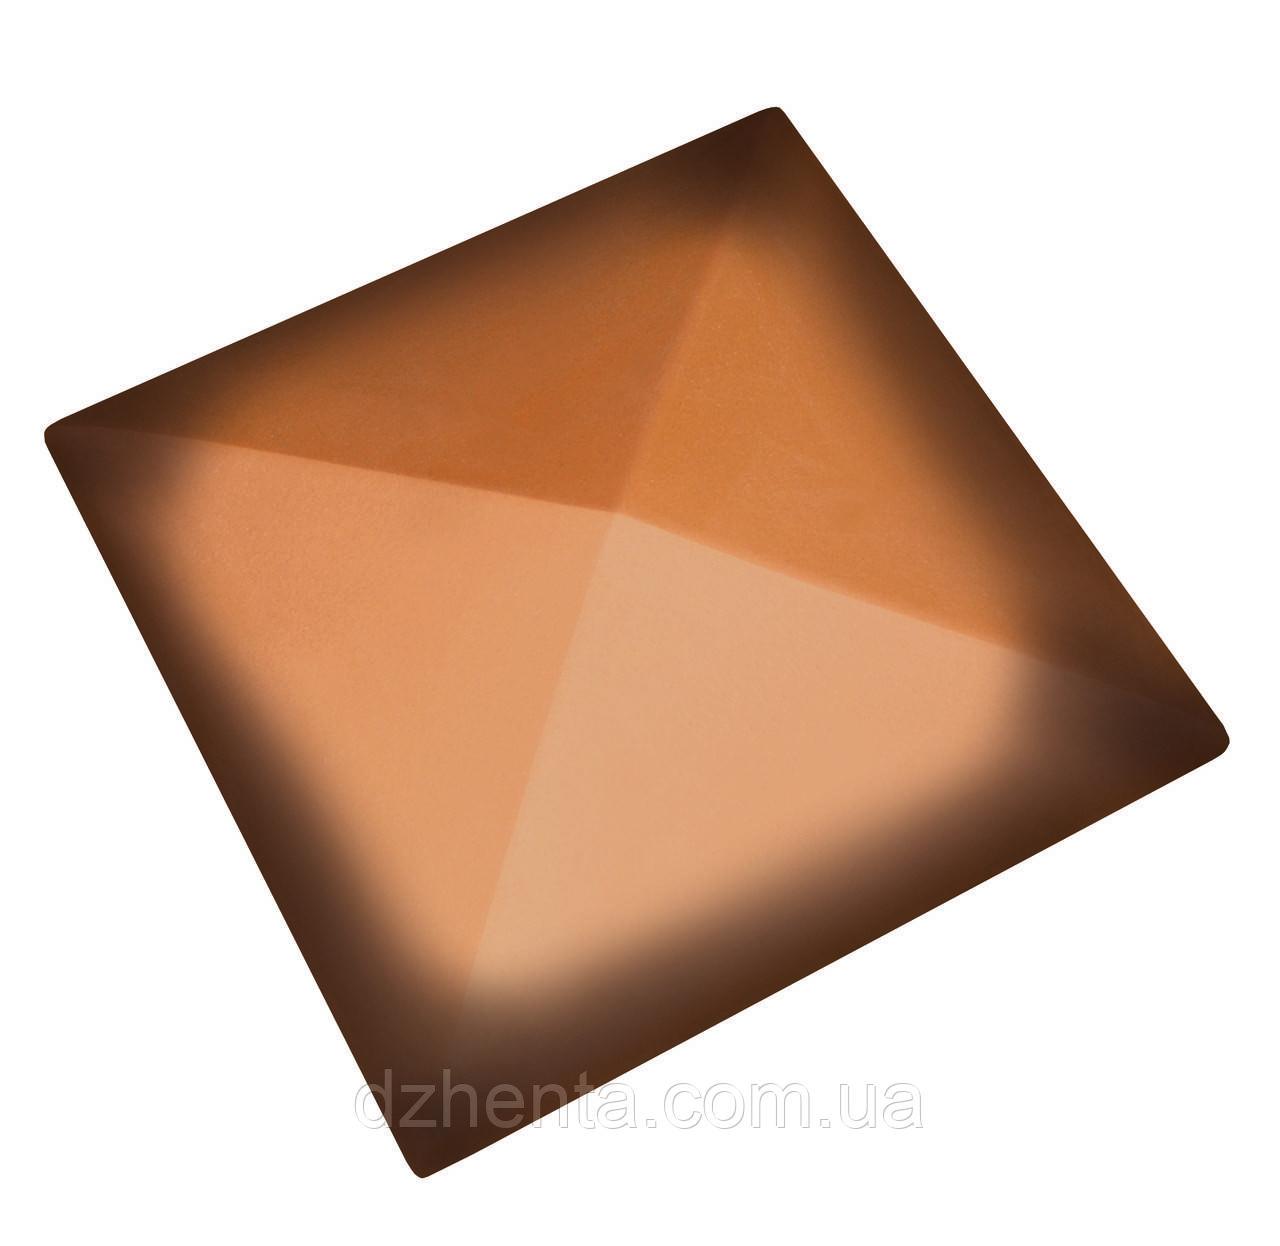 Клинкерная накрывка оранжевая ангоба 445*445